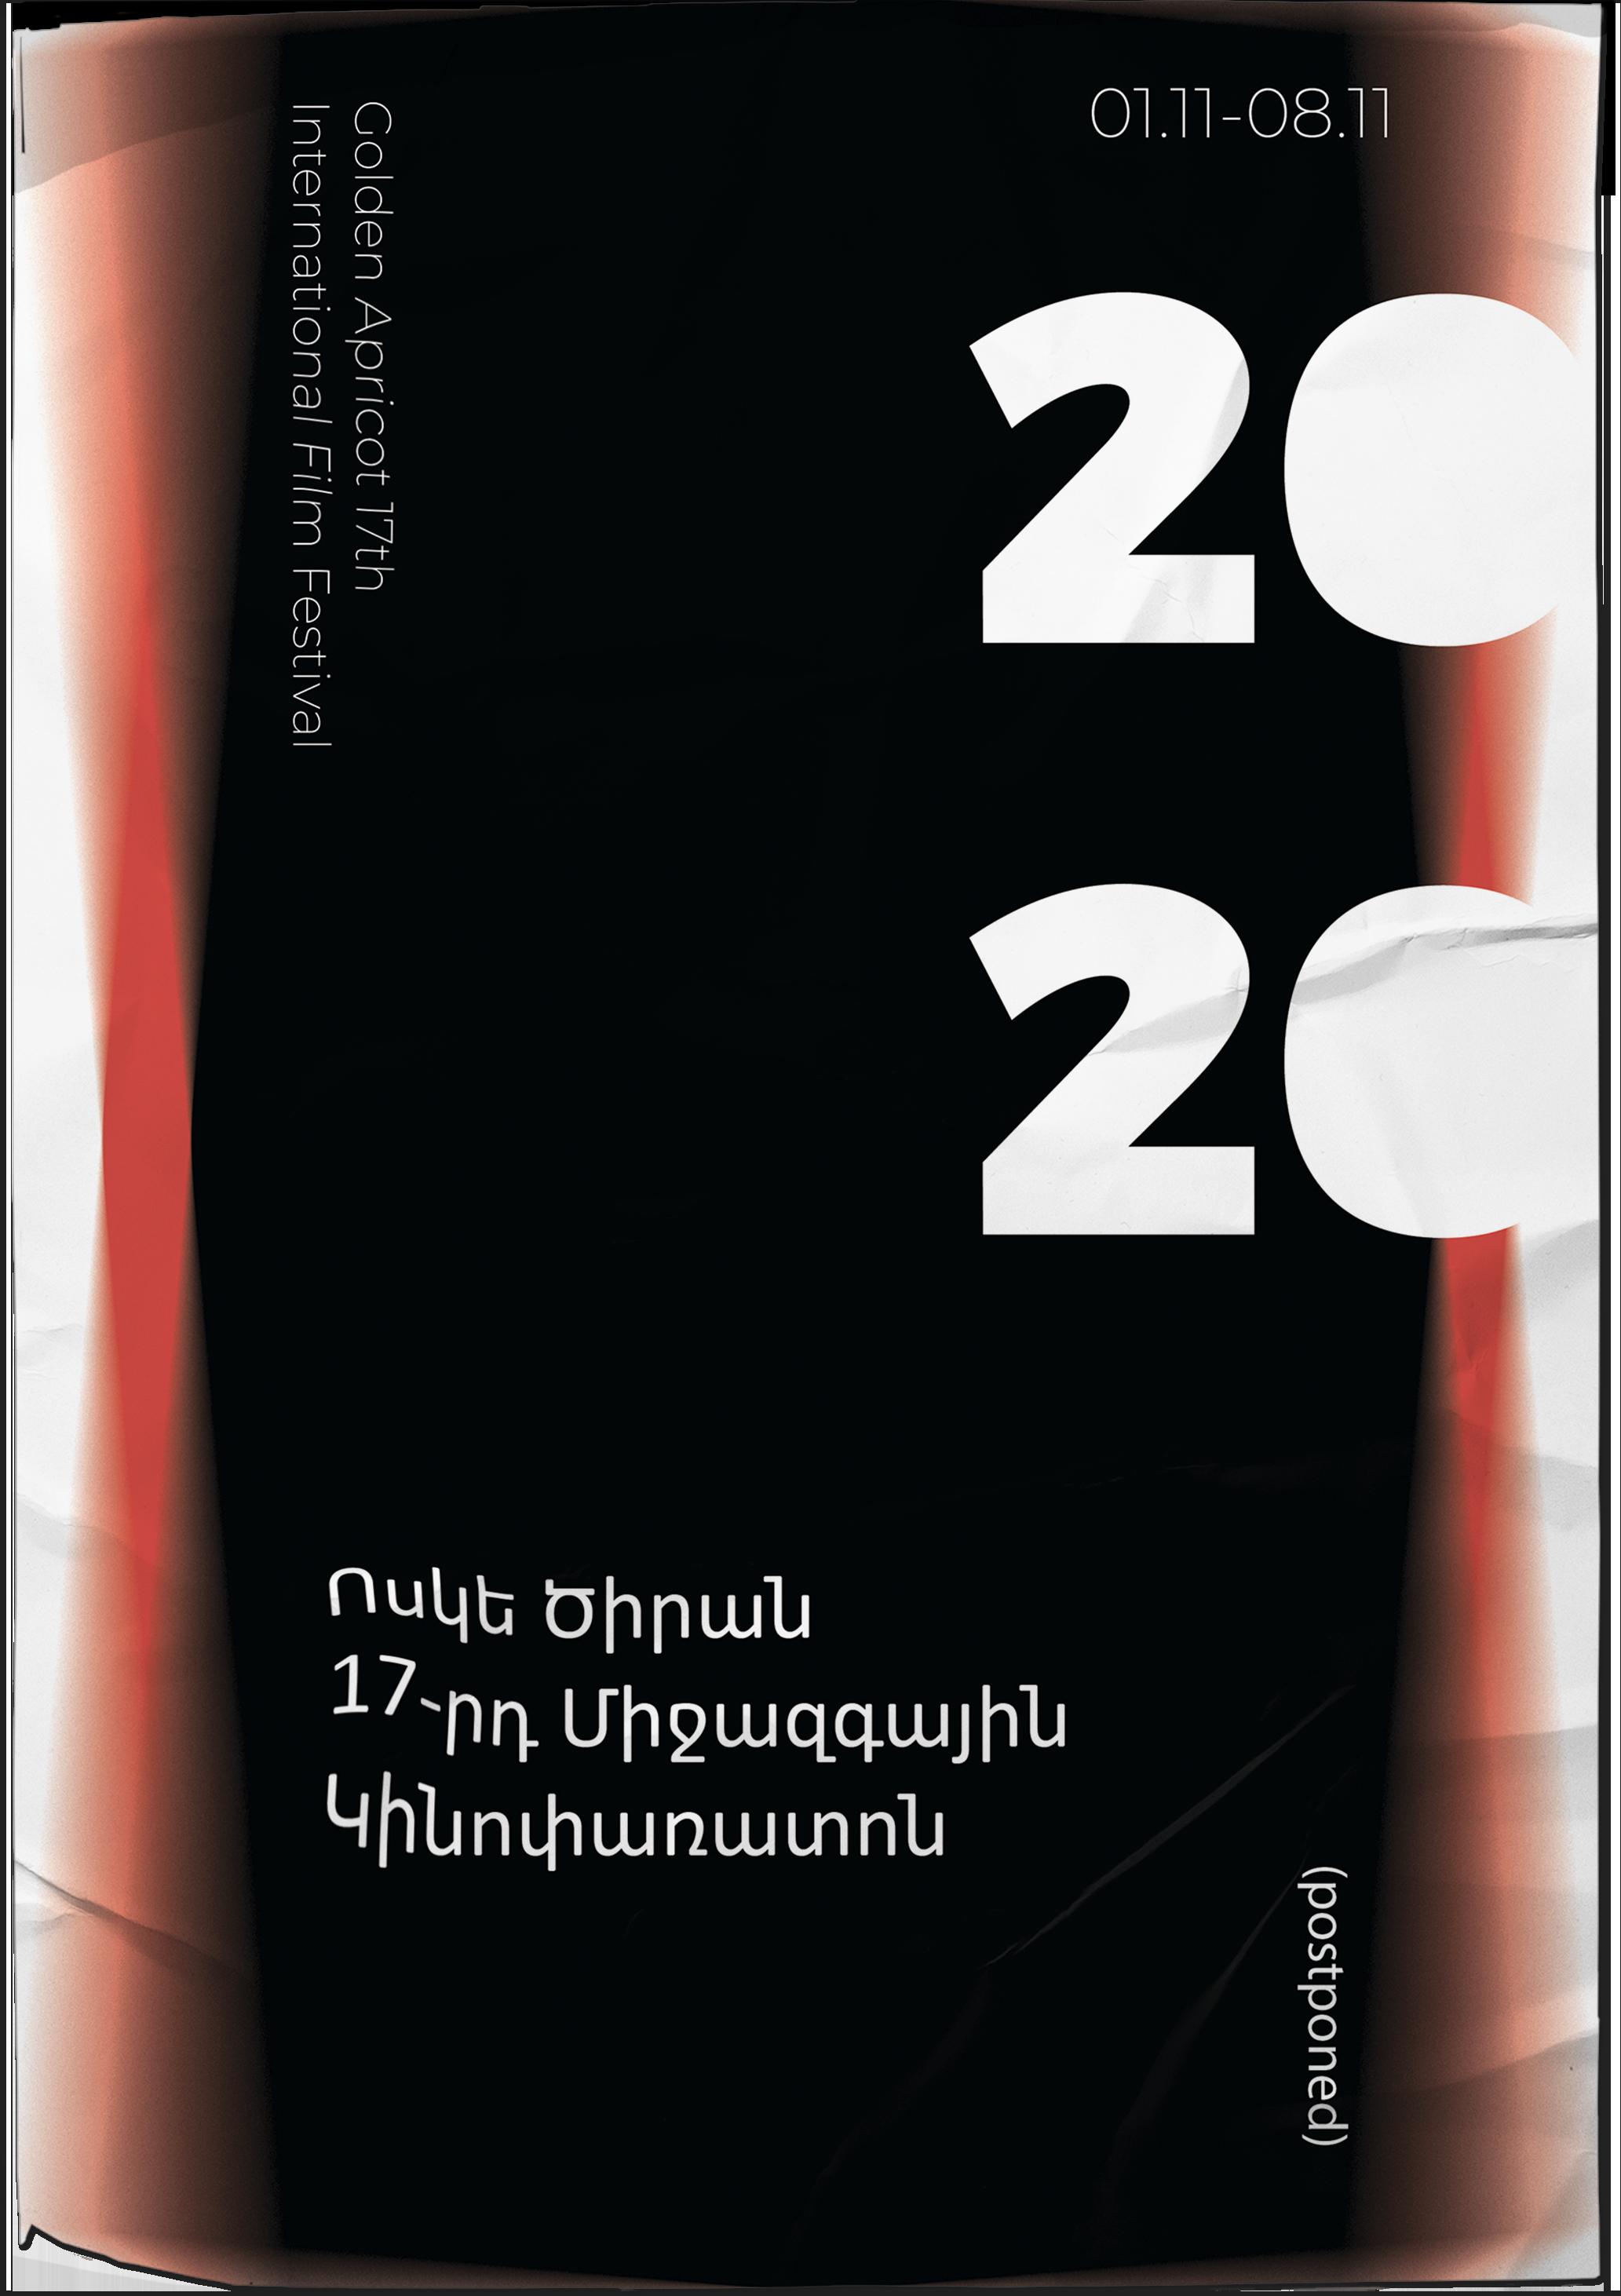 5019 - Թումո ստուդիաների բացման ցուցահանդեսը